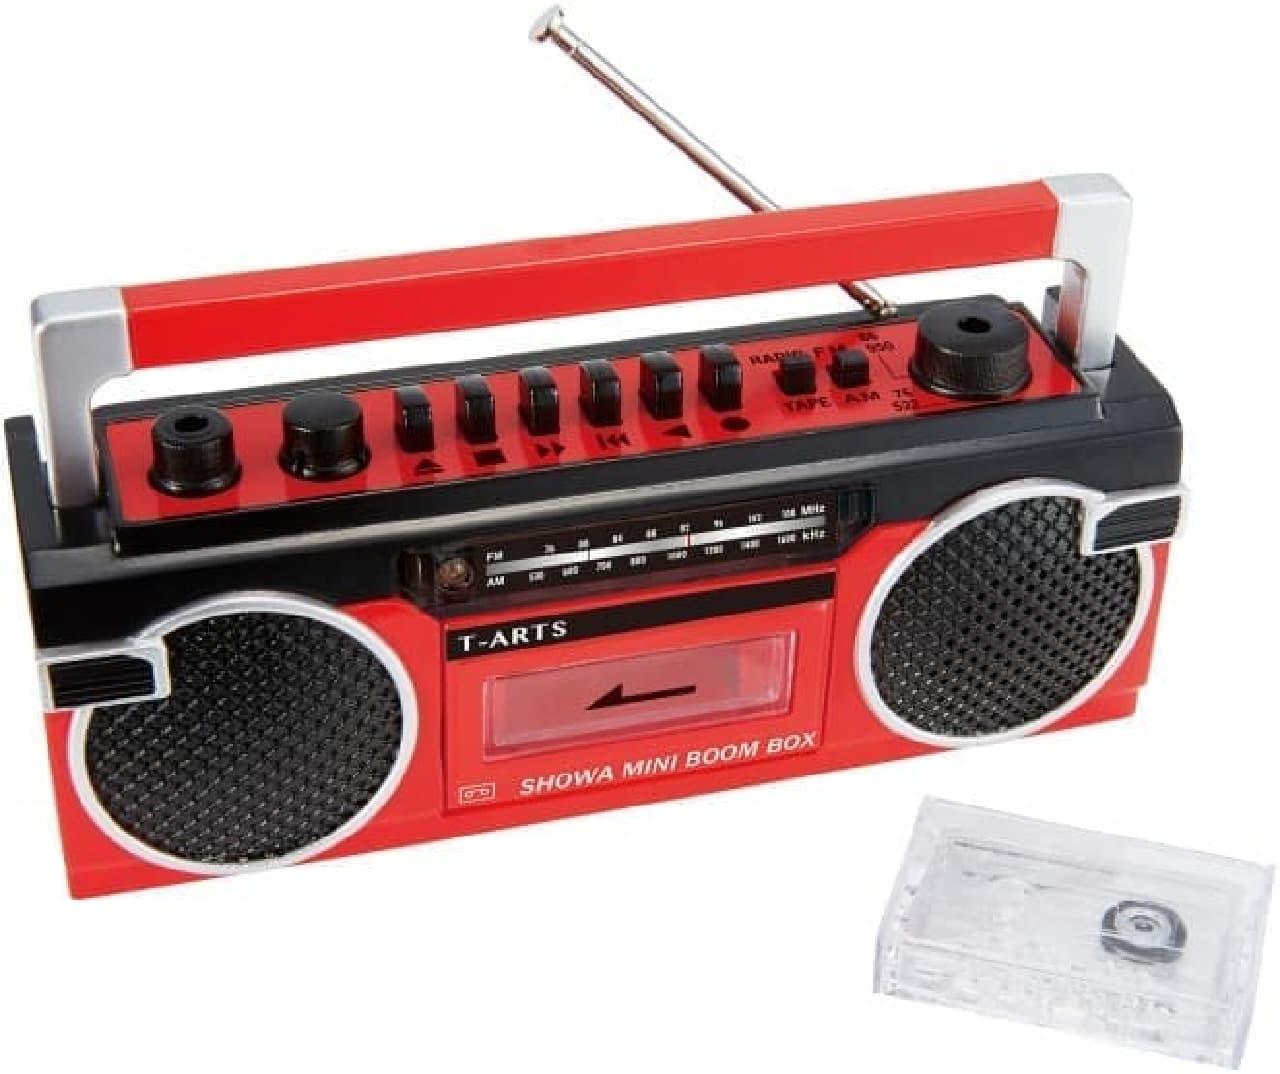 小さいけど、録音できる本物のラジカセ「昭和ミニラジカセ」2月28日発売-AM・FMのラジオも聞けます